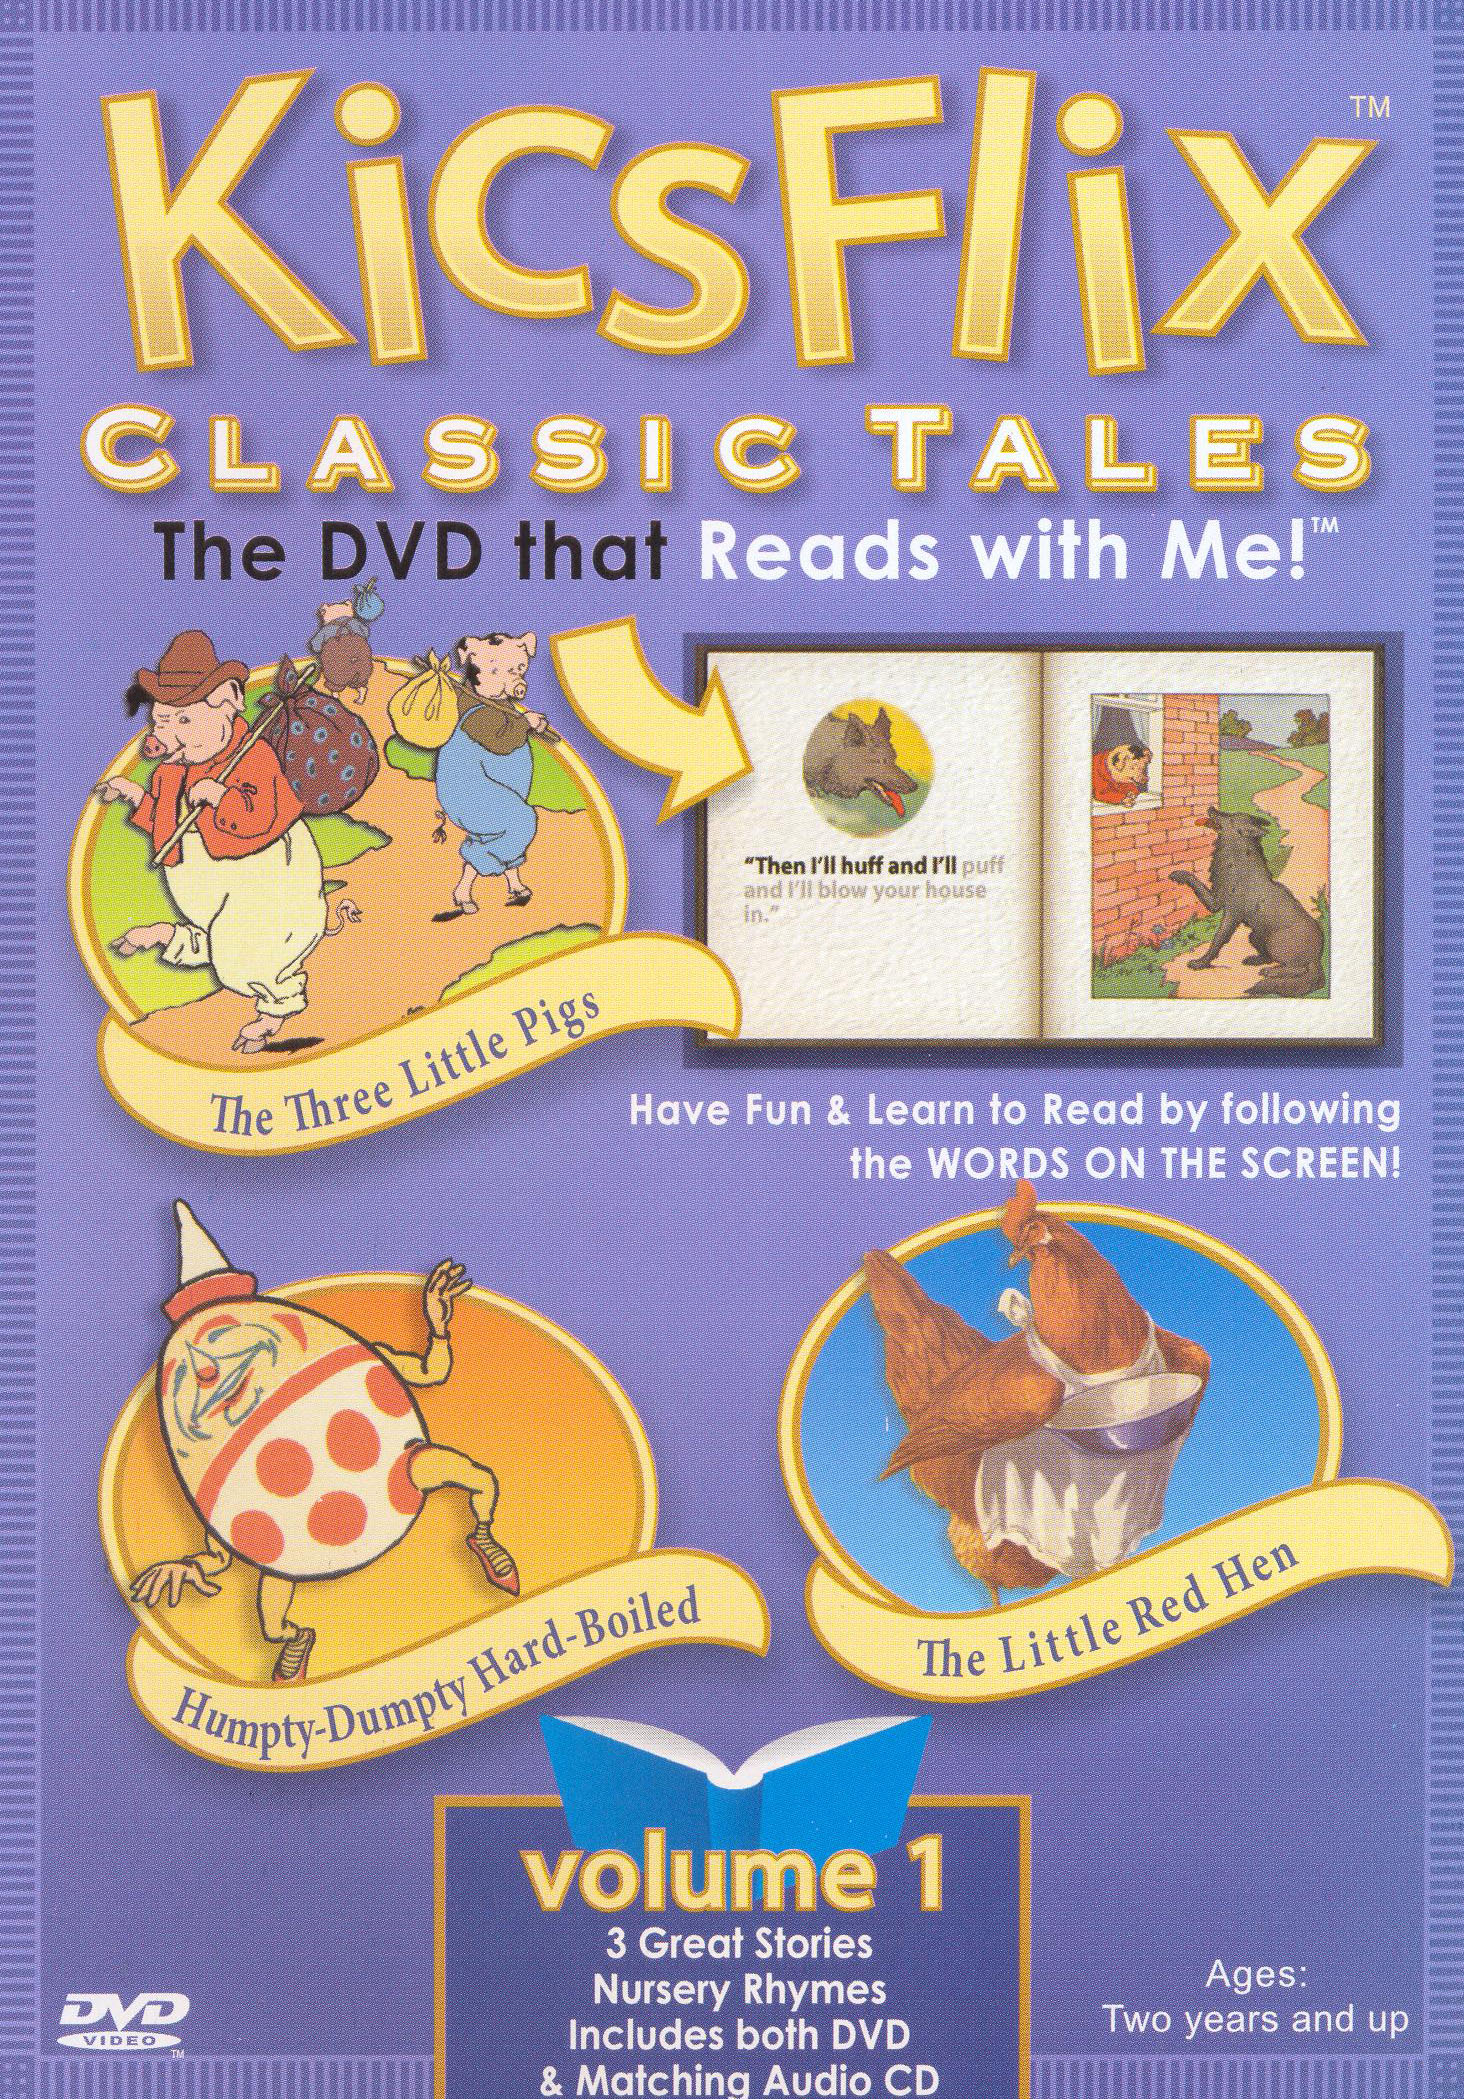 KicsFlix Classic Tales, Vol. 1